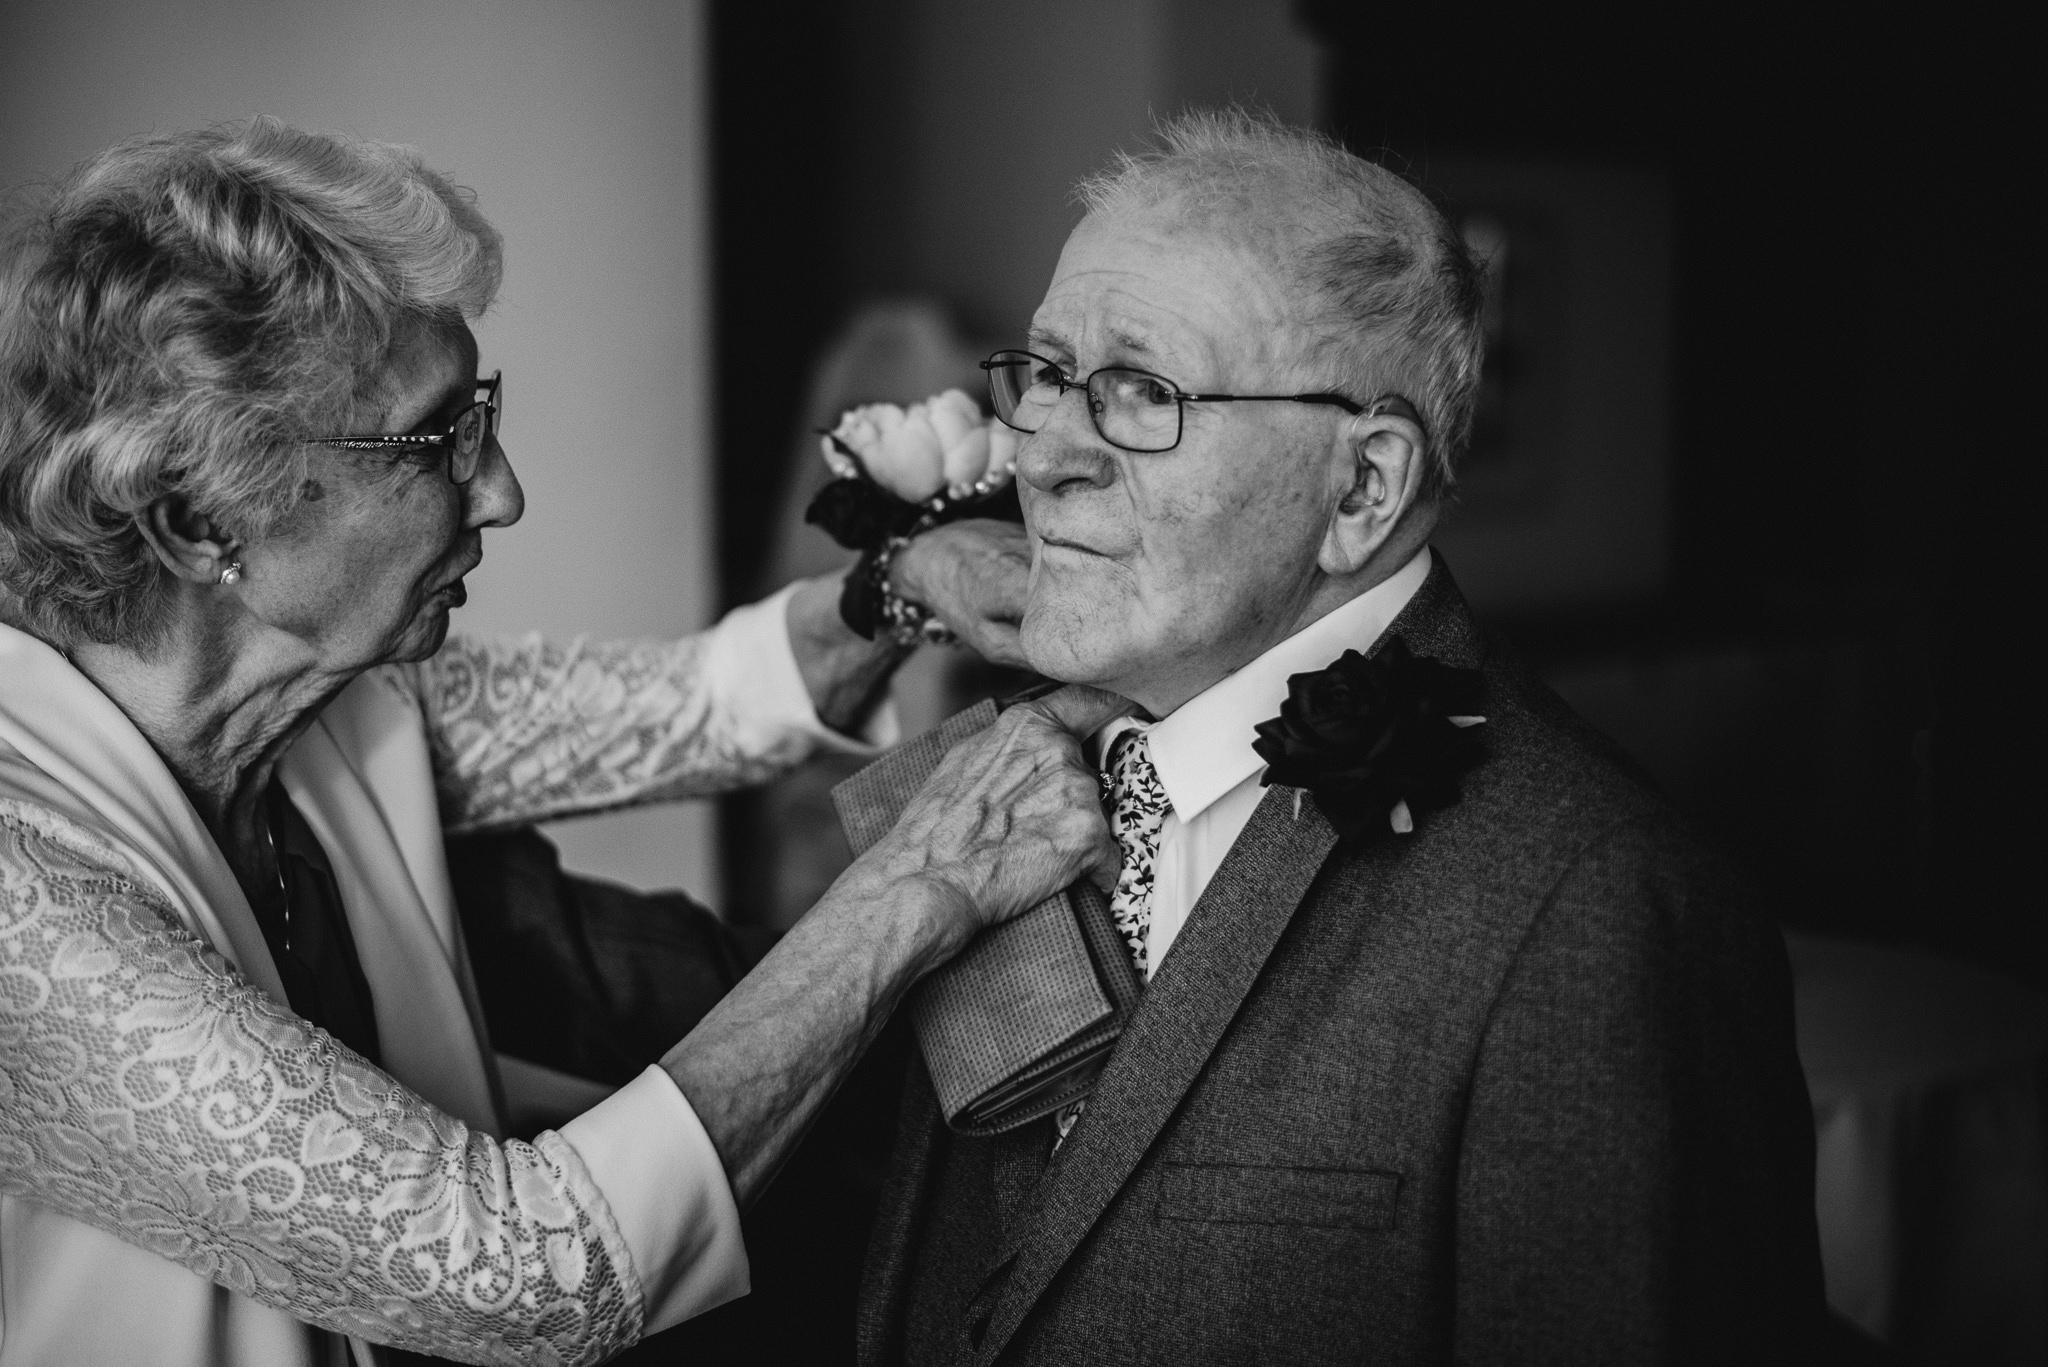 leeds-reportage-wedding-photography-12.jpg